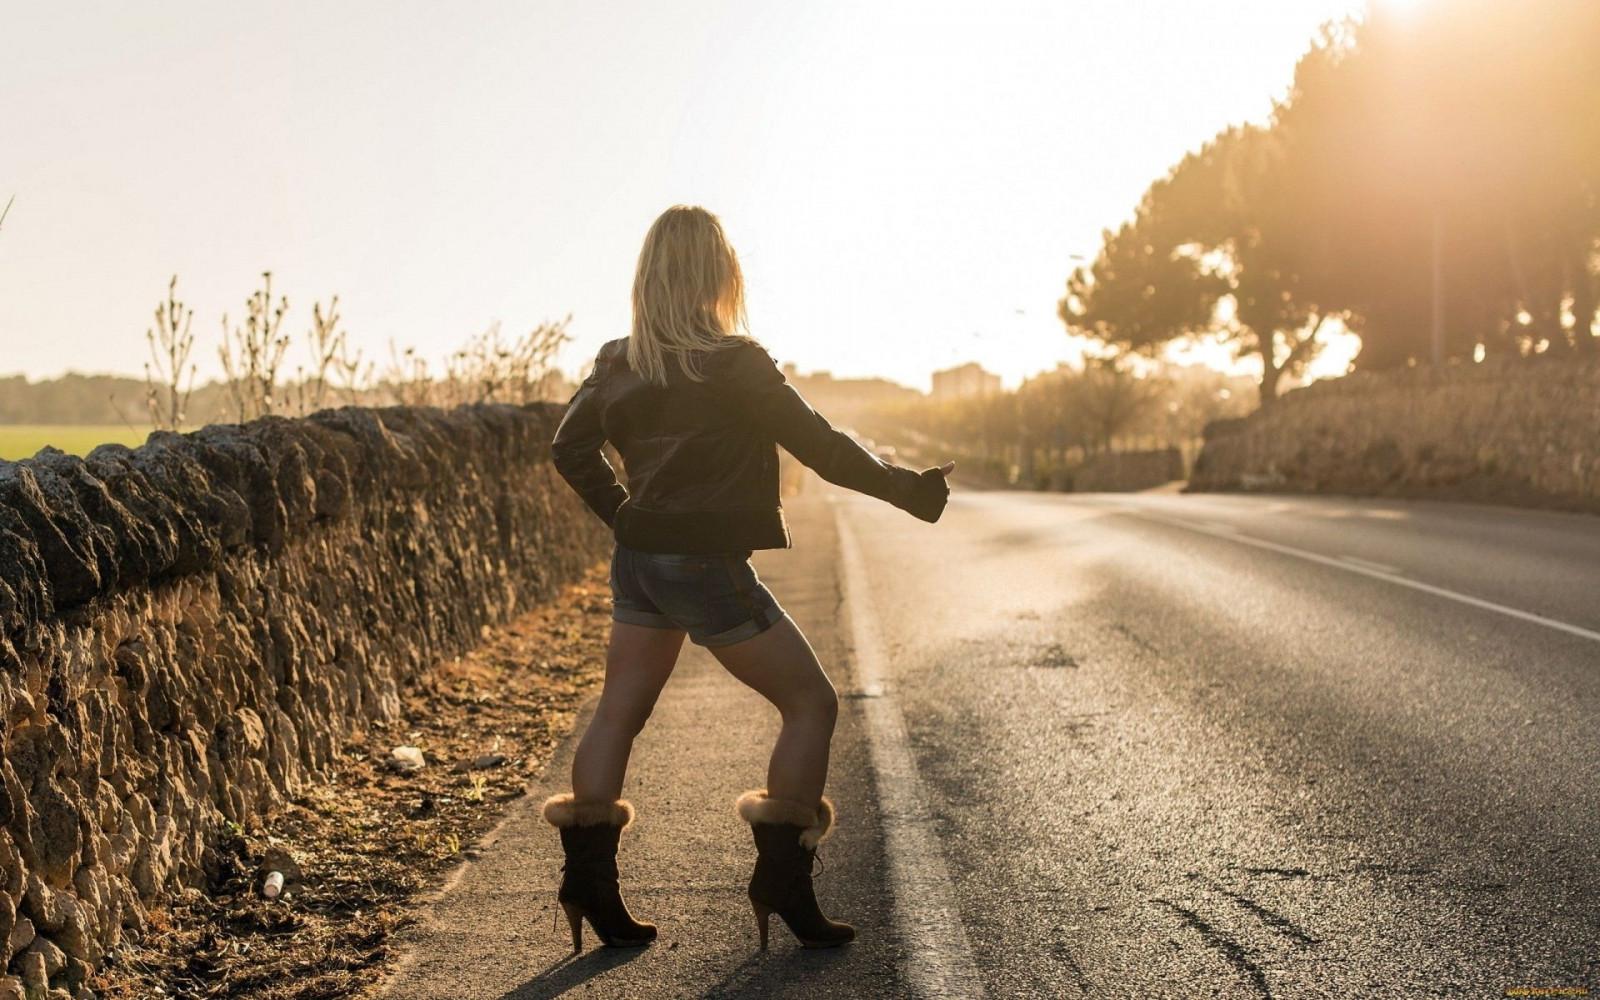 нравиться картинки девушка красивая блондинка уходит по дороге это старинный